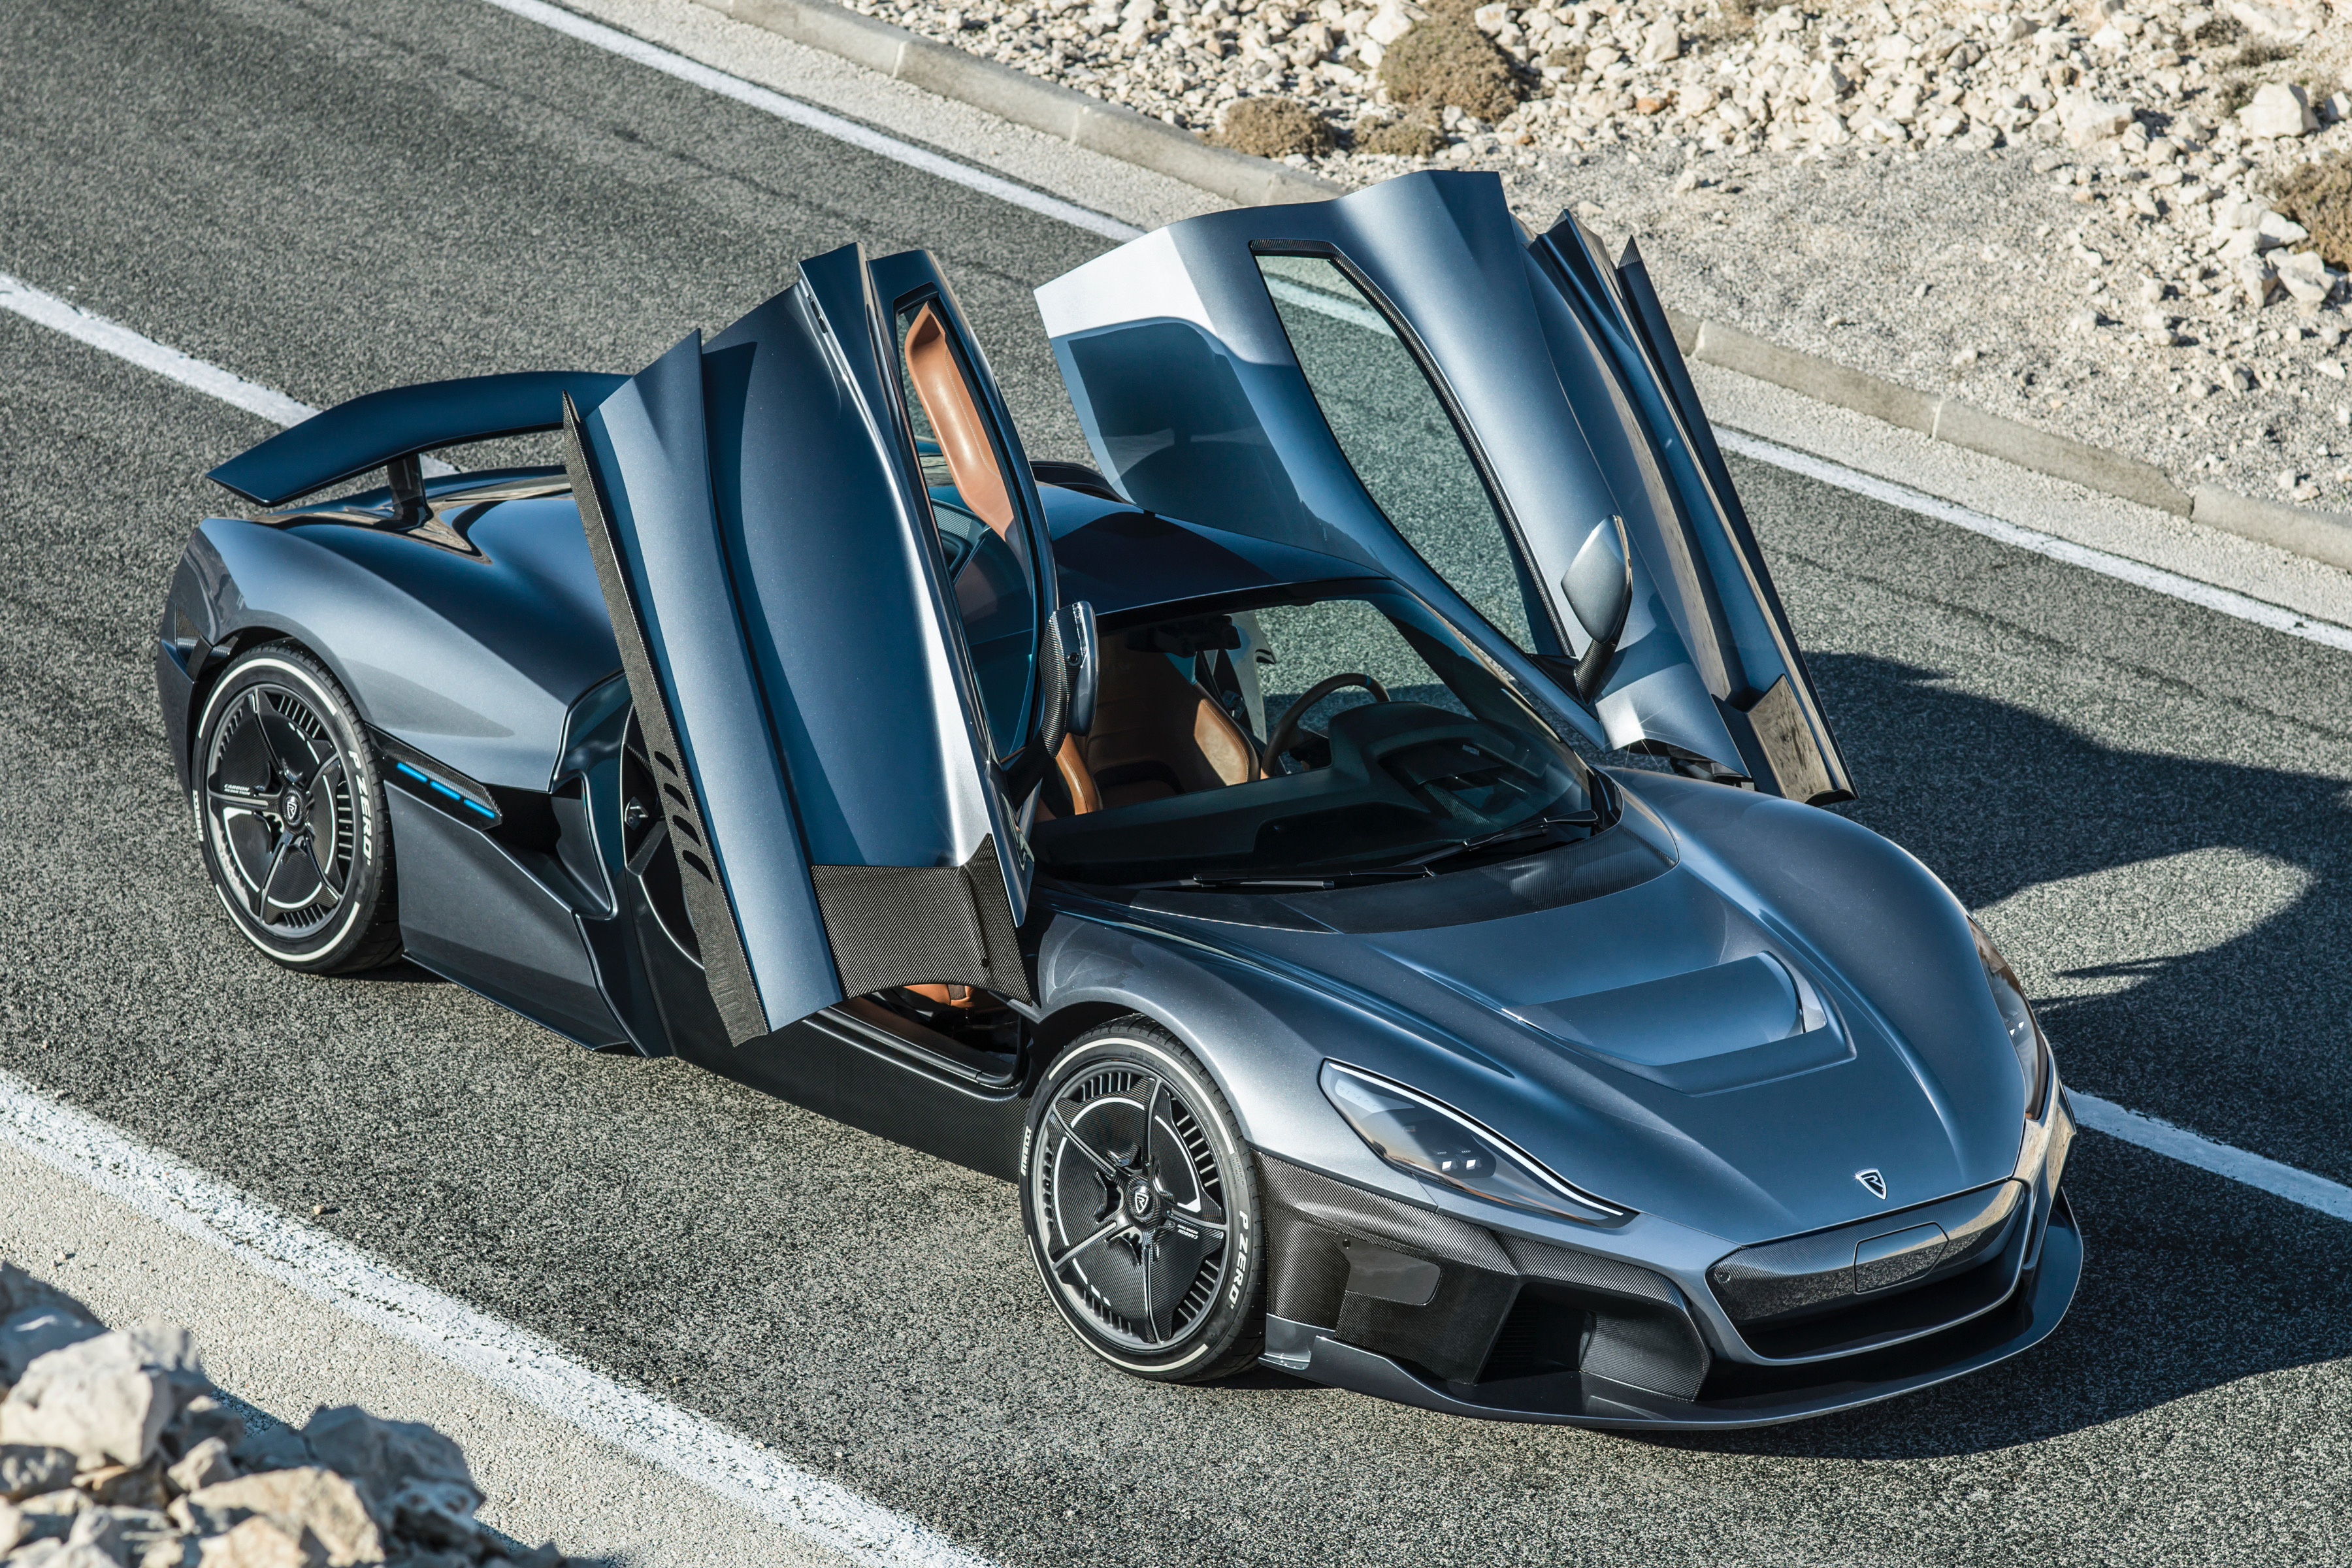 Rimac, Rimac to unveil its latest electric supercar at Salon Privé, ClassicCars.com Journal